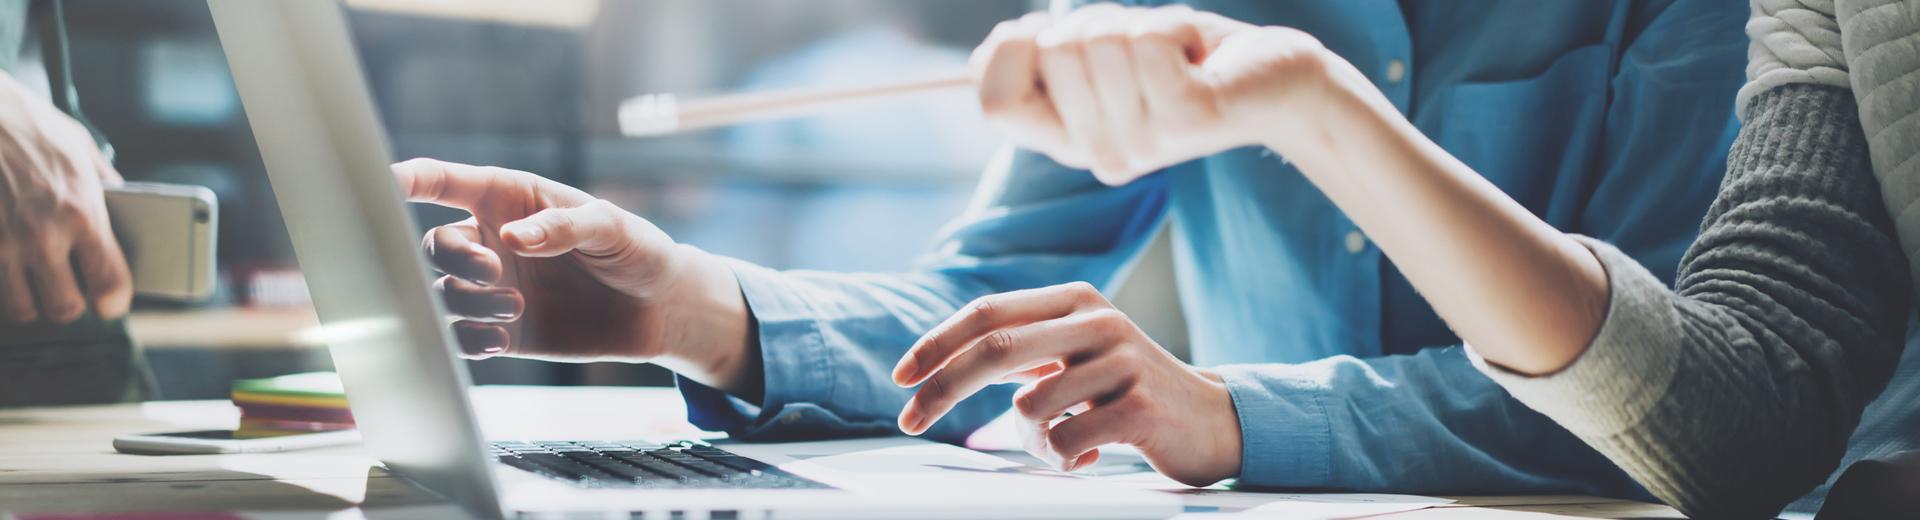 Studie Karrierewebsites von Zeitarbeitsunternehmen